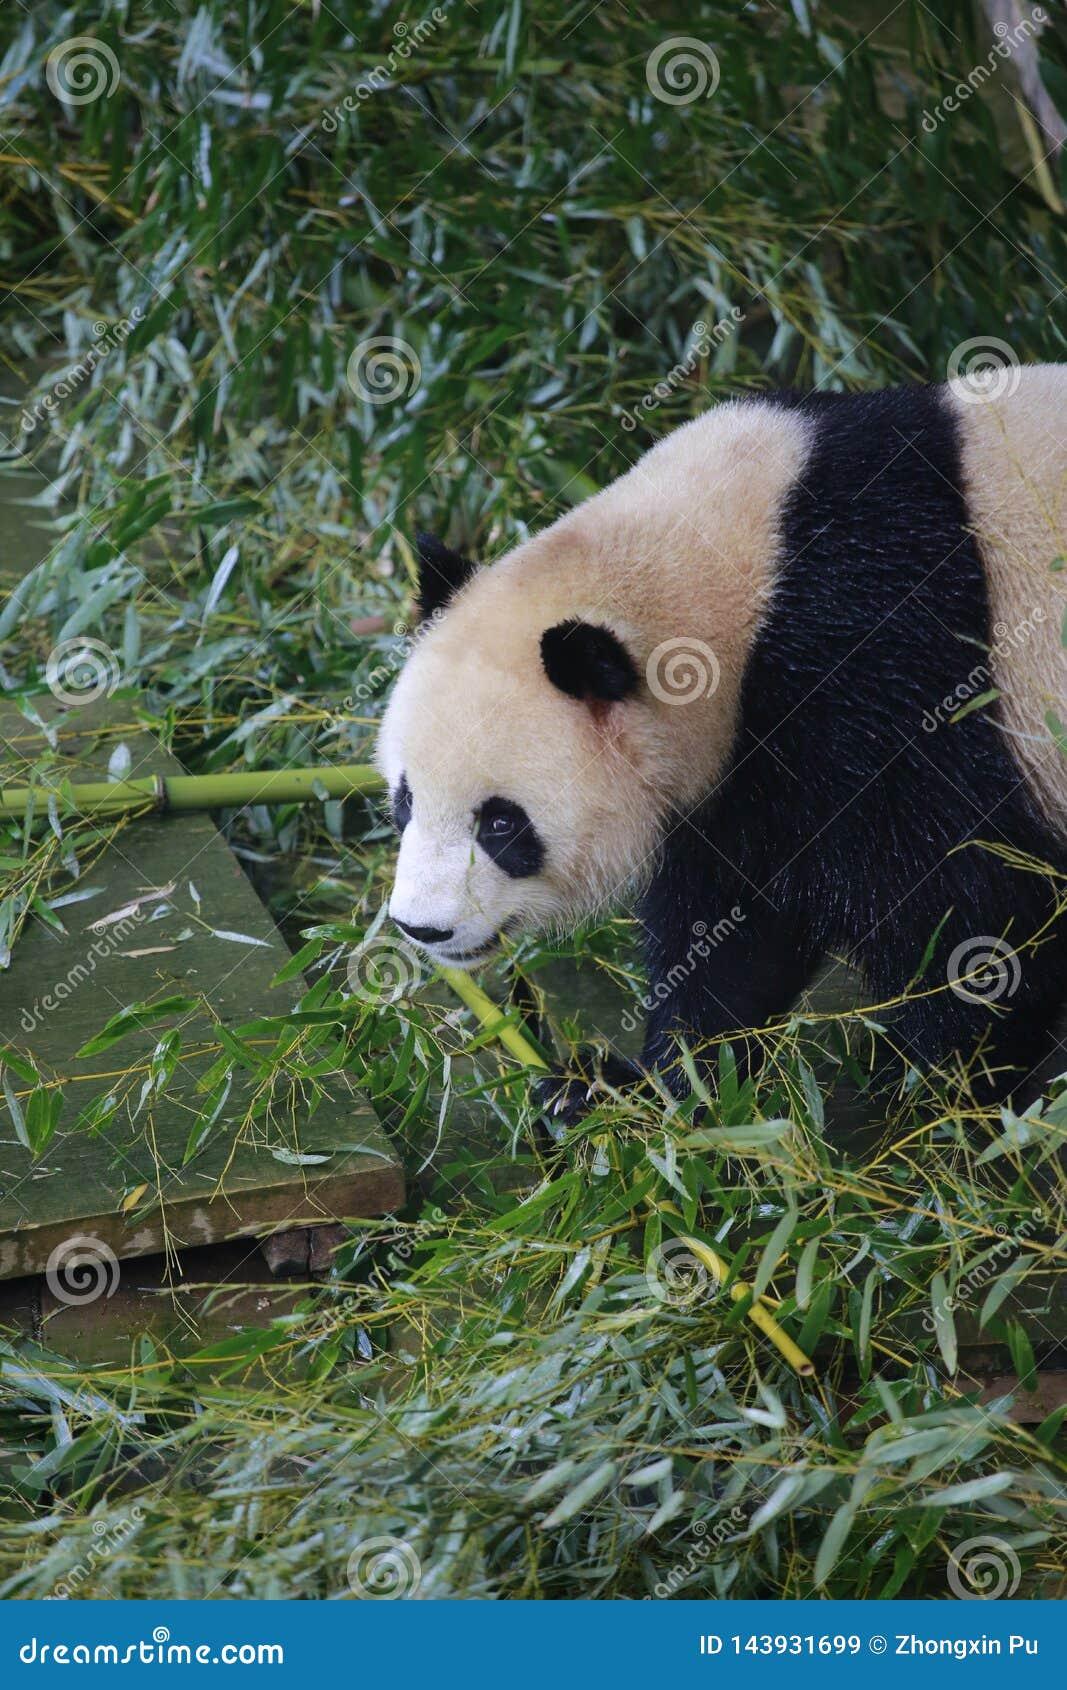 Der große Panda gehört den einzigen Säugetieren des Karnivorens, der Bärenfamilie, des Subfamily des großen Pandas und des großen